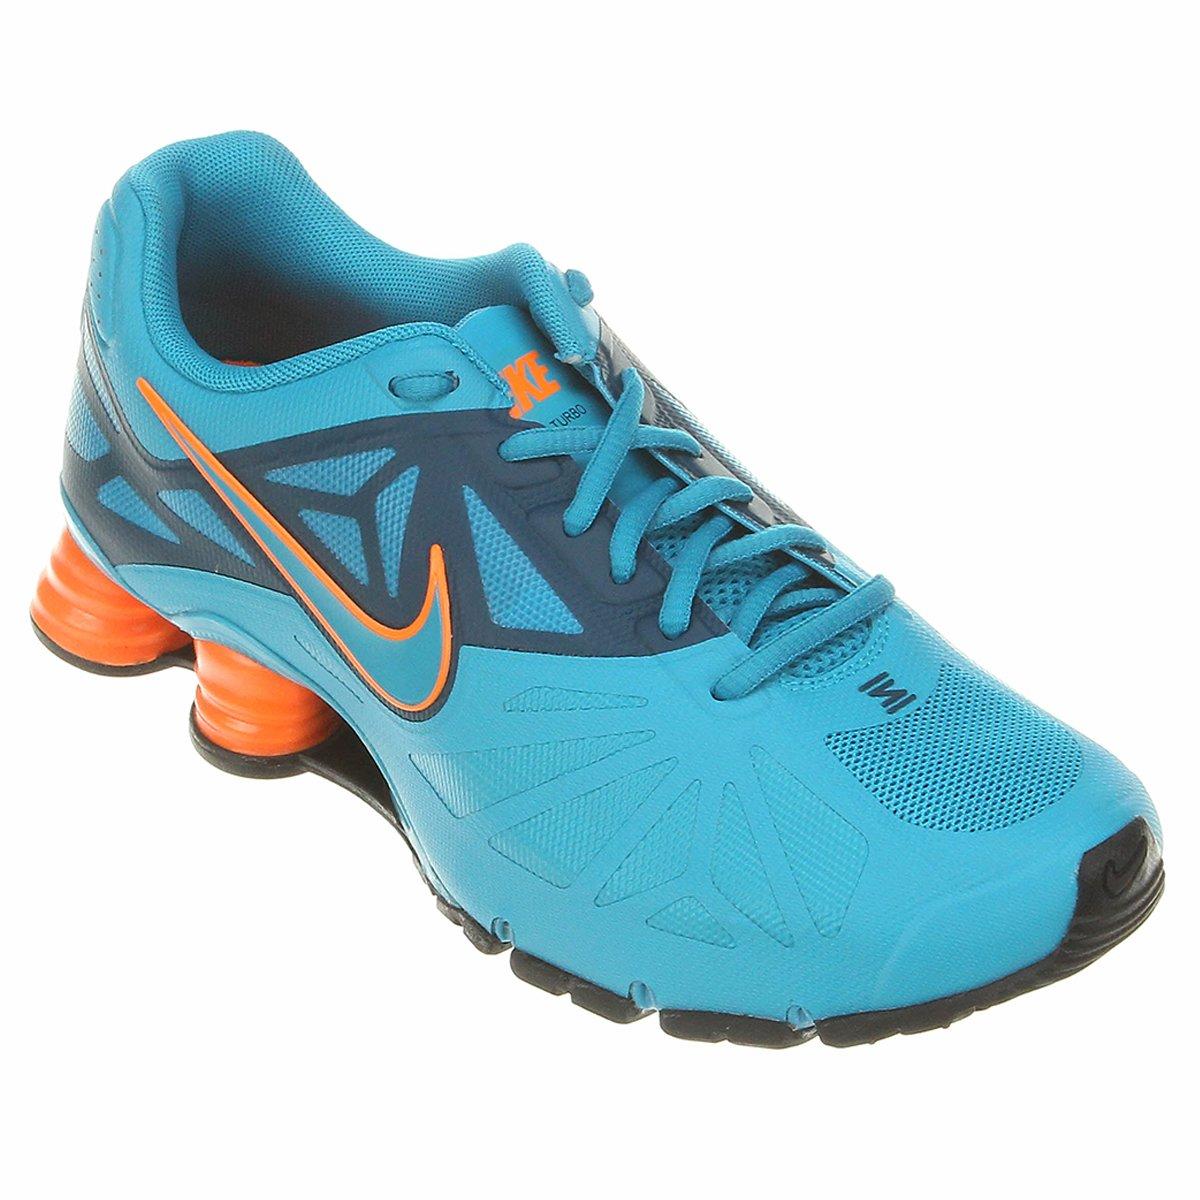 low priced 4417b 26ce6 ... Tênis Nike Shox Turbo 14 - Azul Claro .